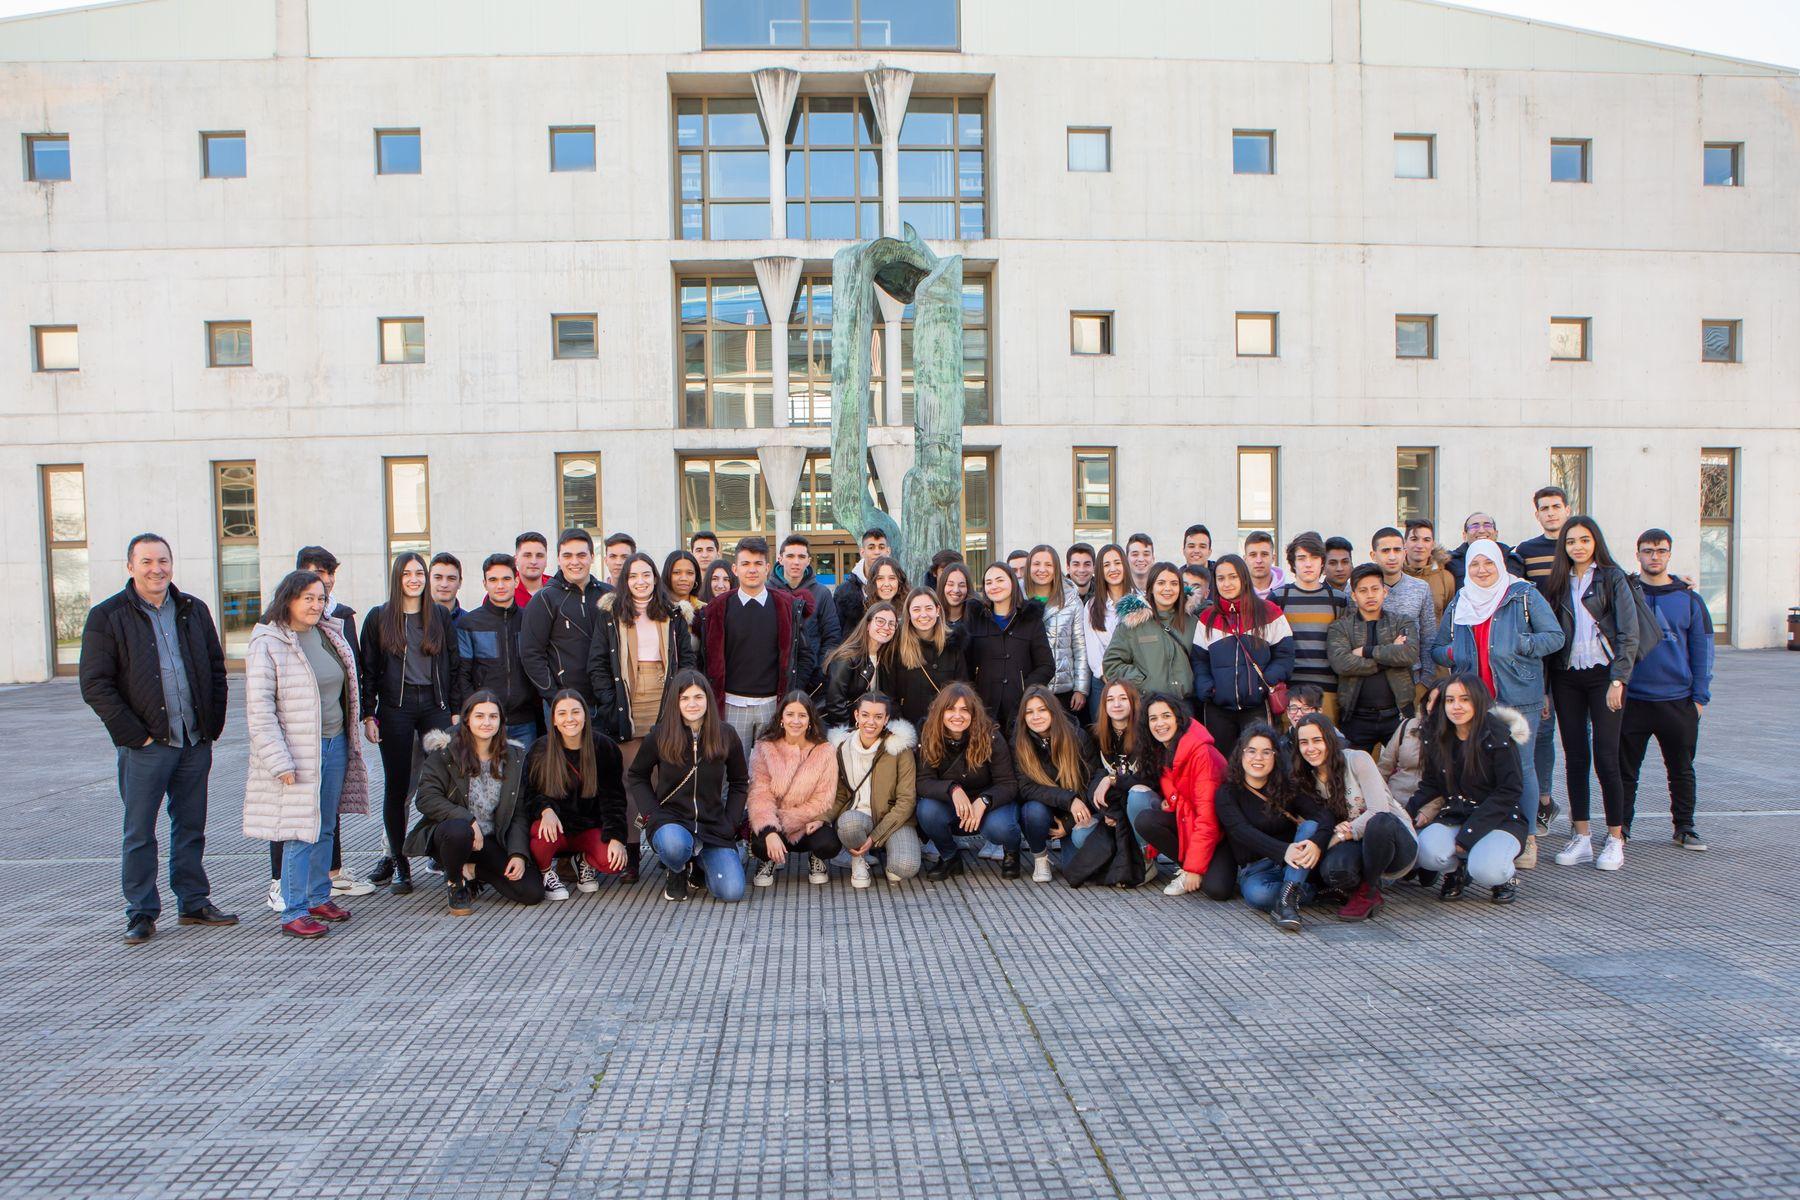 Estudiantes del IES Valle del Ebro de Tudela posan en el campus de Arrosadia, en Pamplona, de la UPNA.